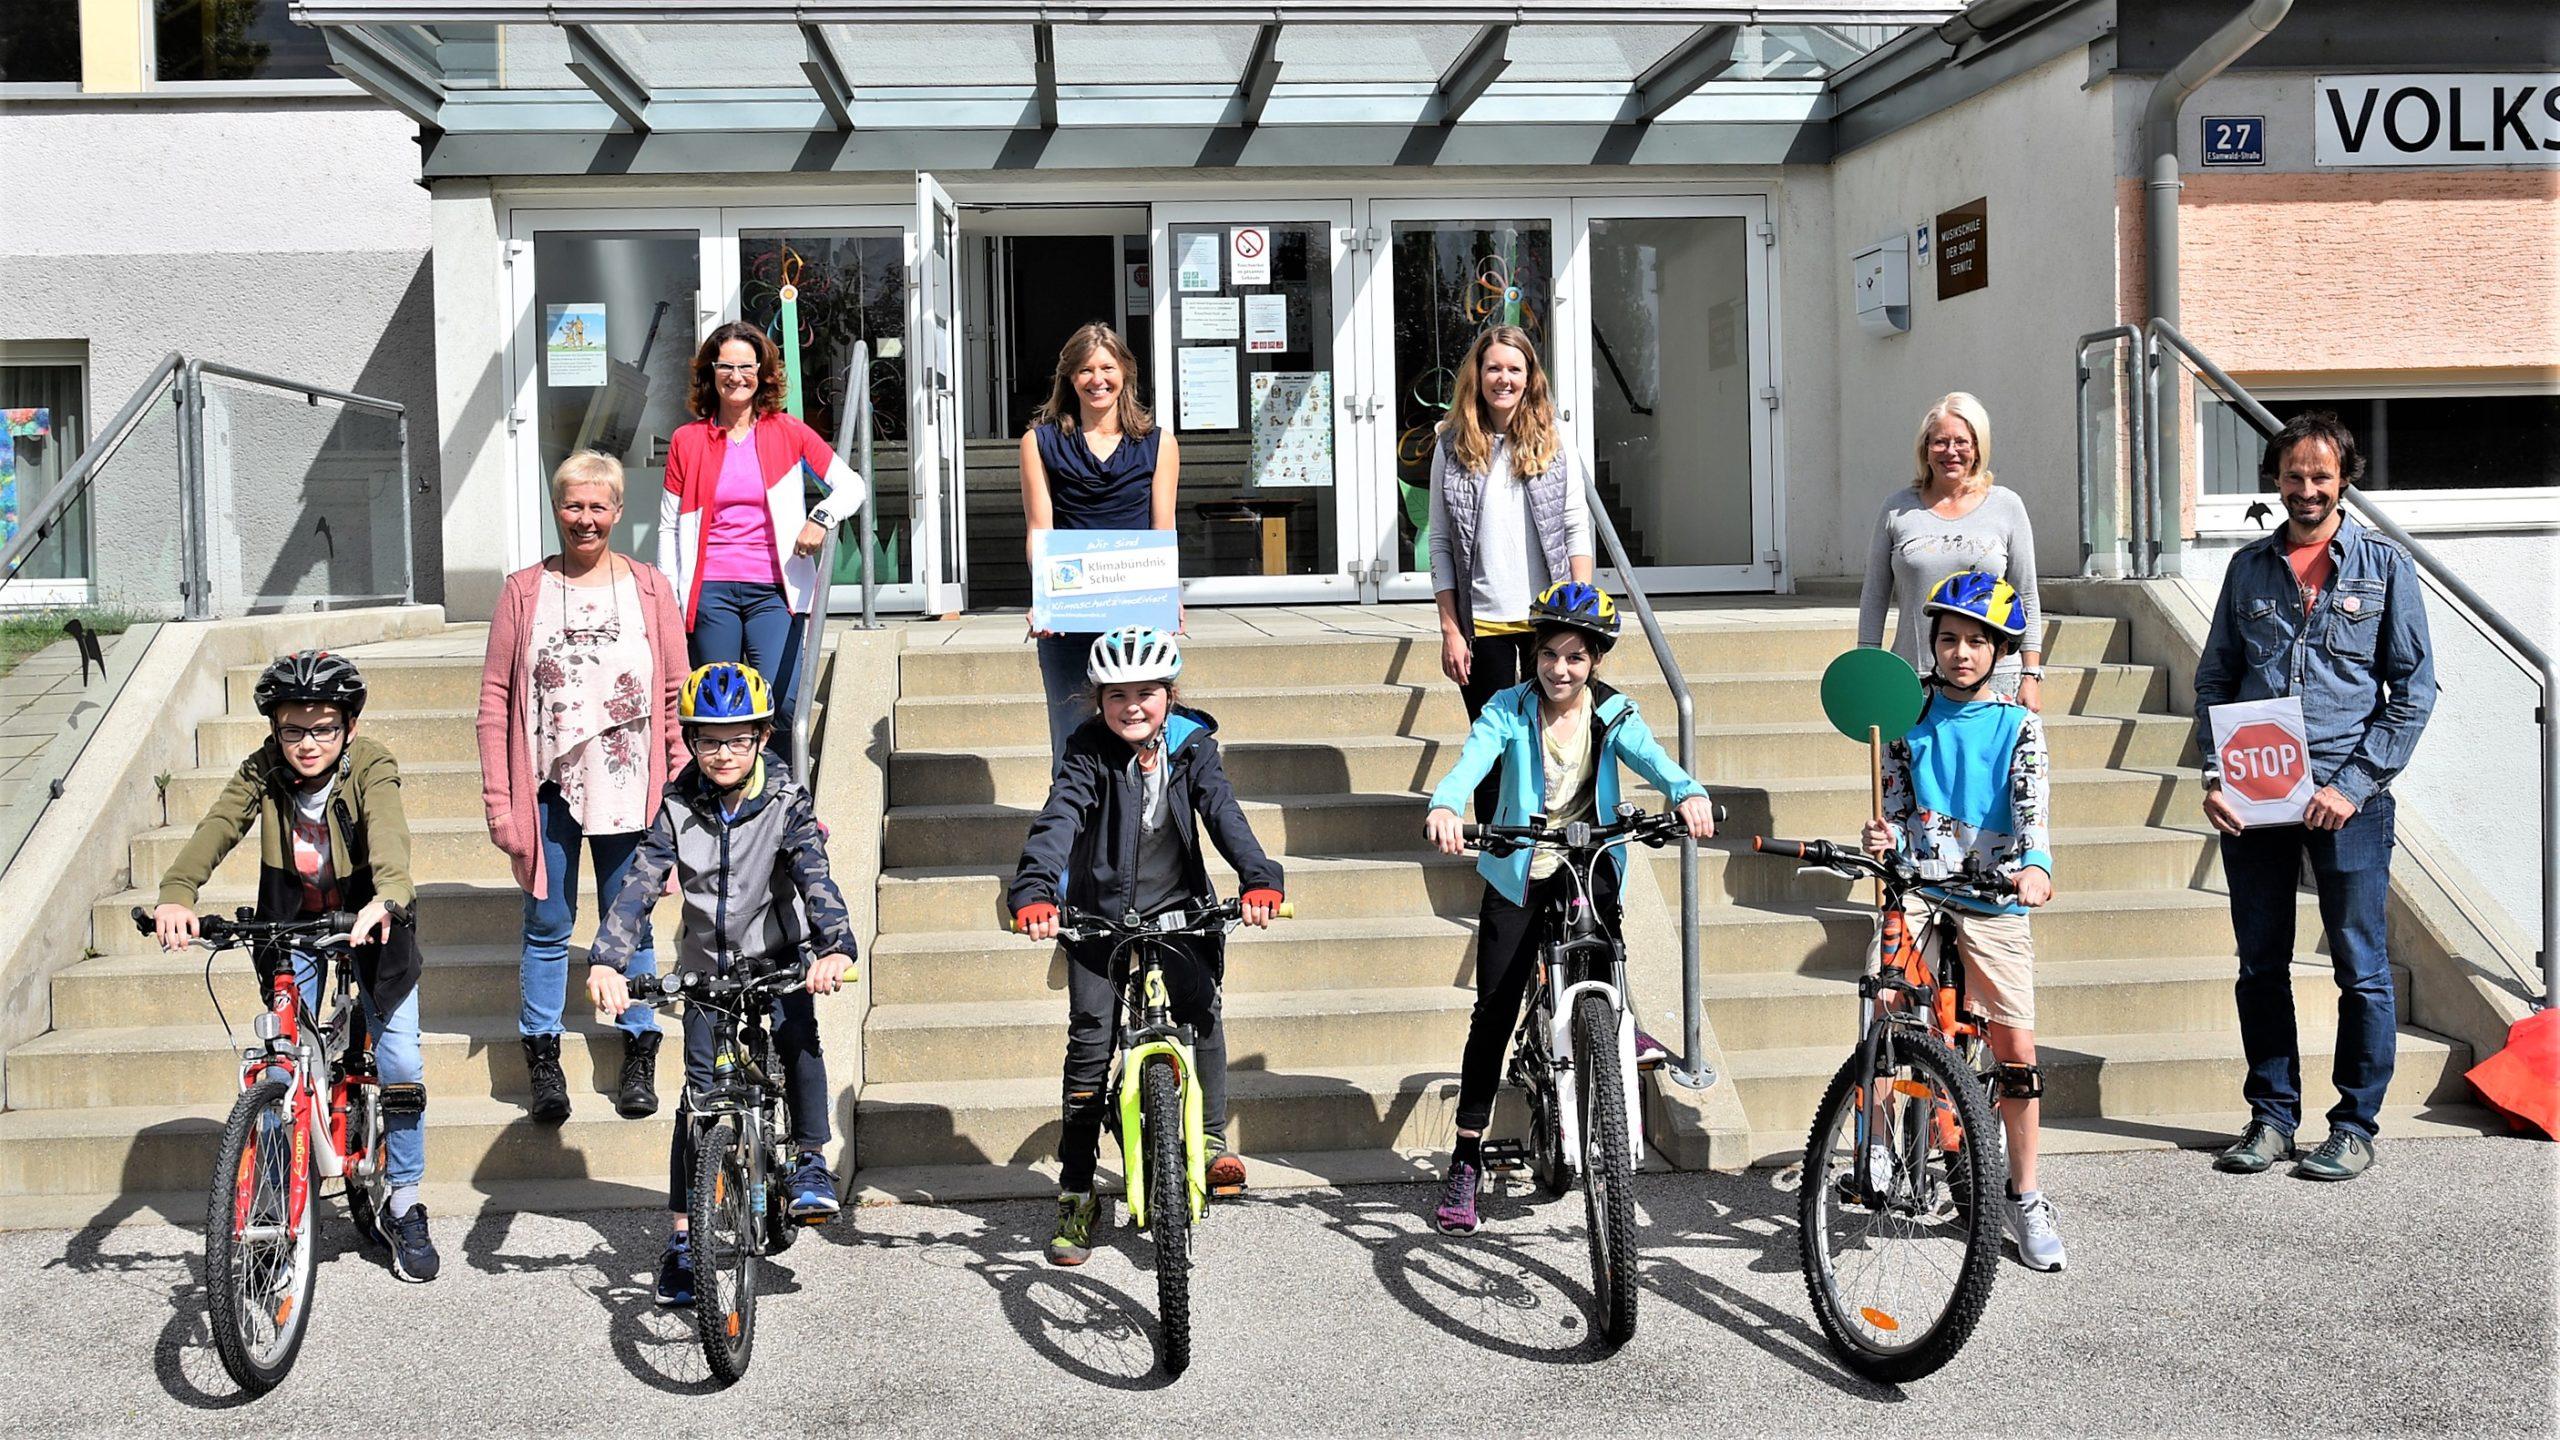 Viel Spaß bei der Fahrradprüfung in der Volksschule Pottschach